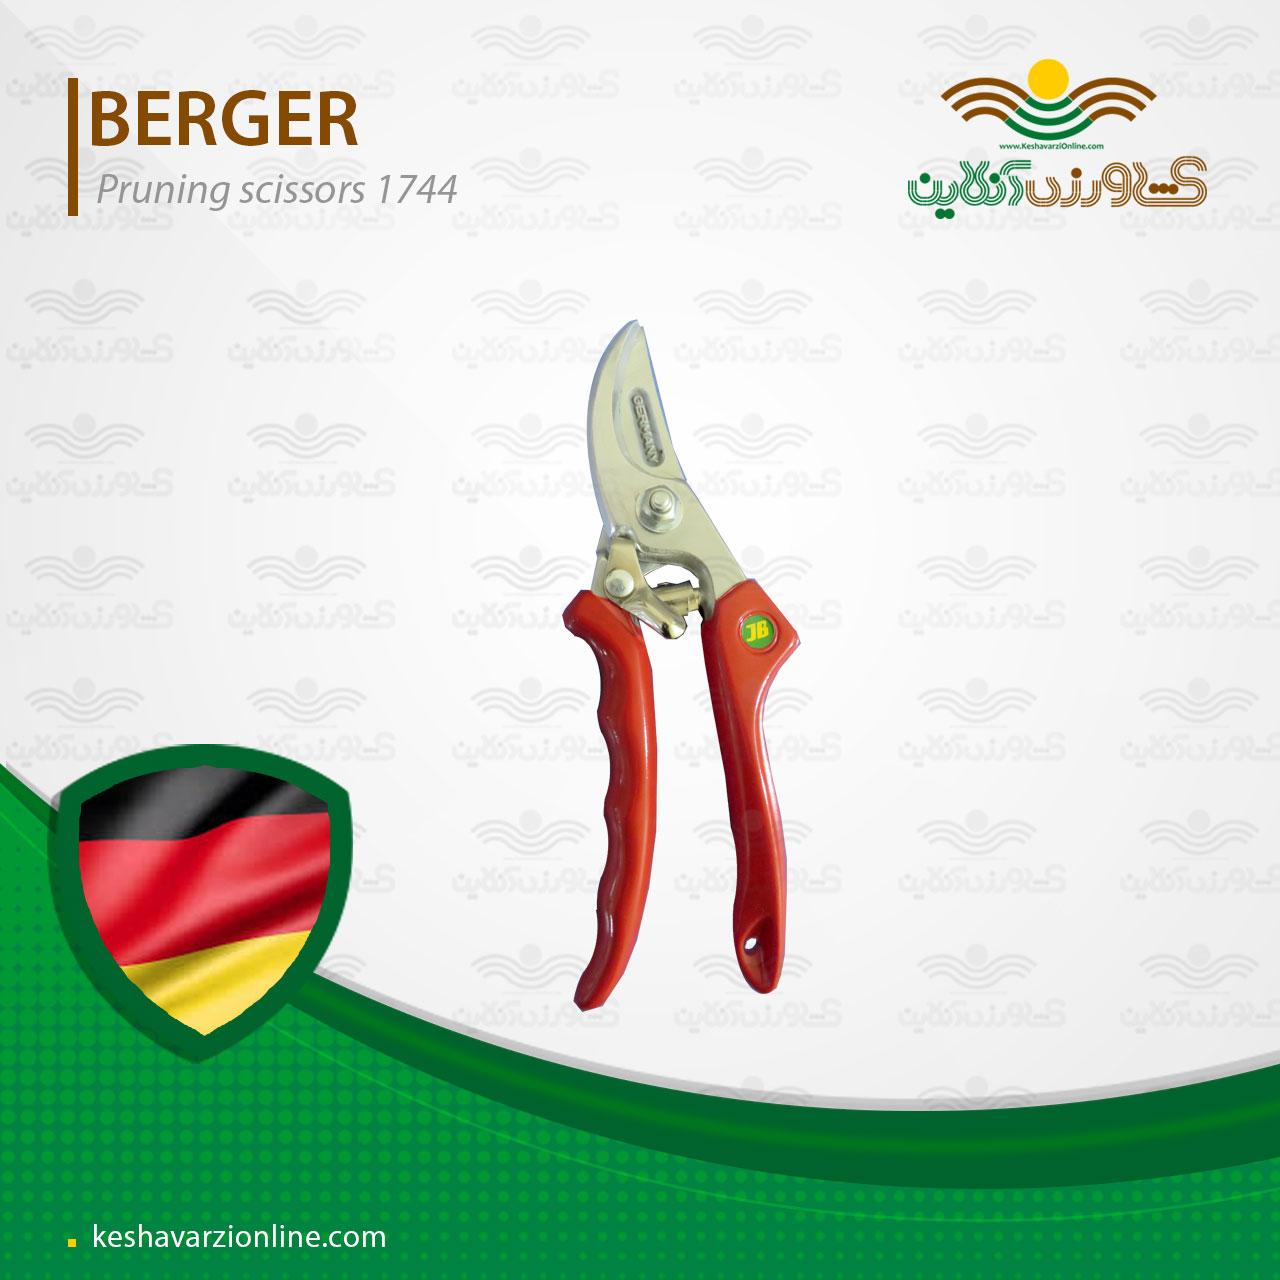 قیجی برگر آلمان 1744